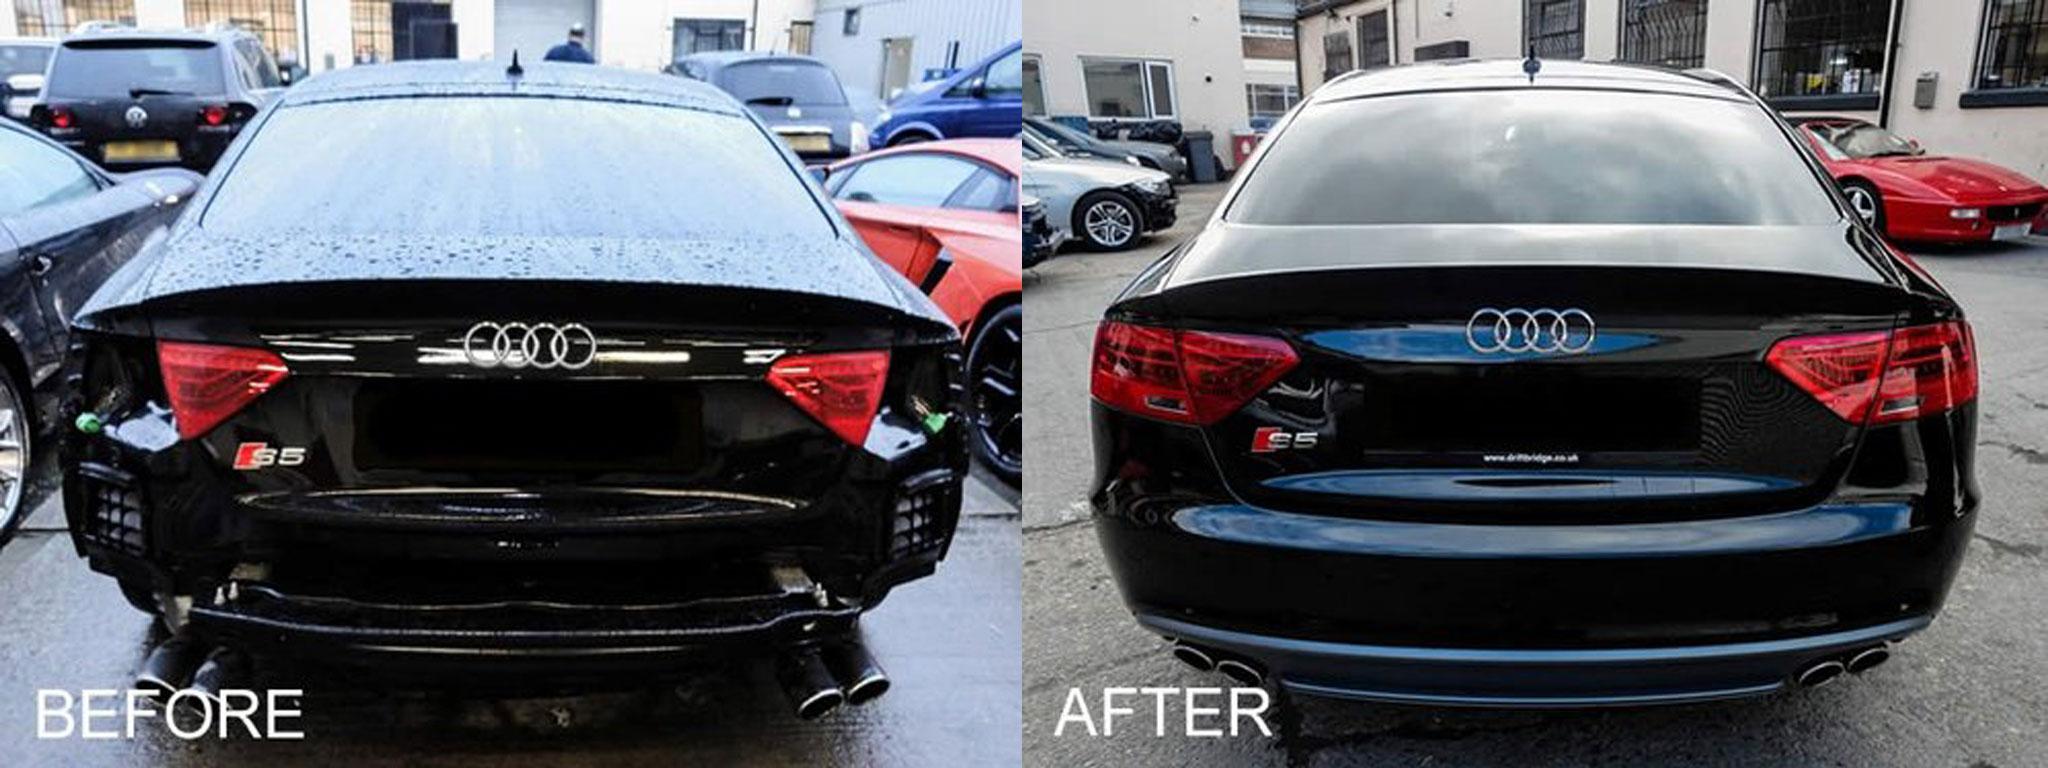 Audi damage repair